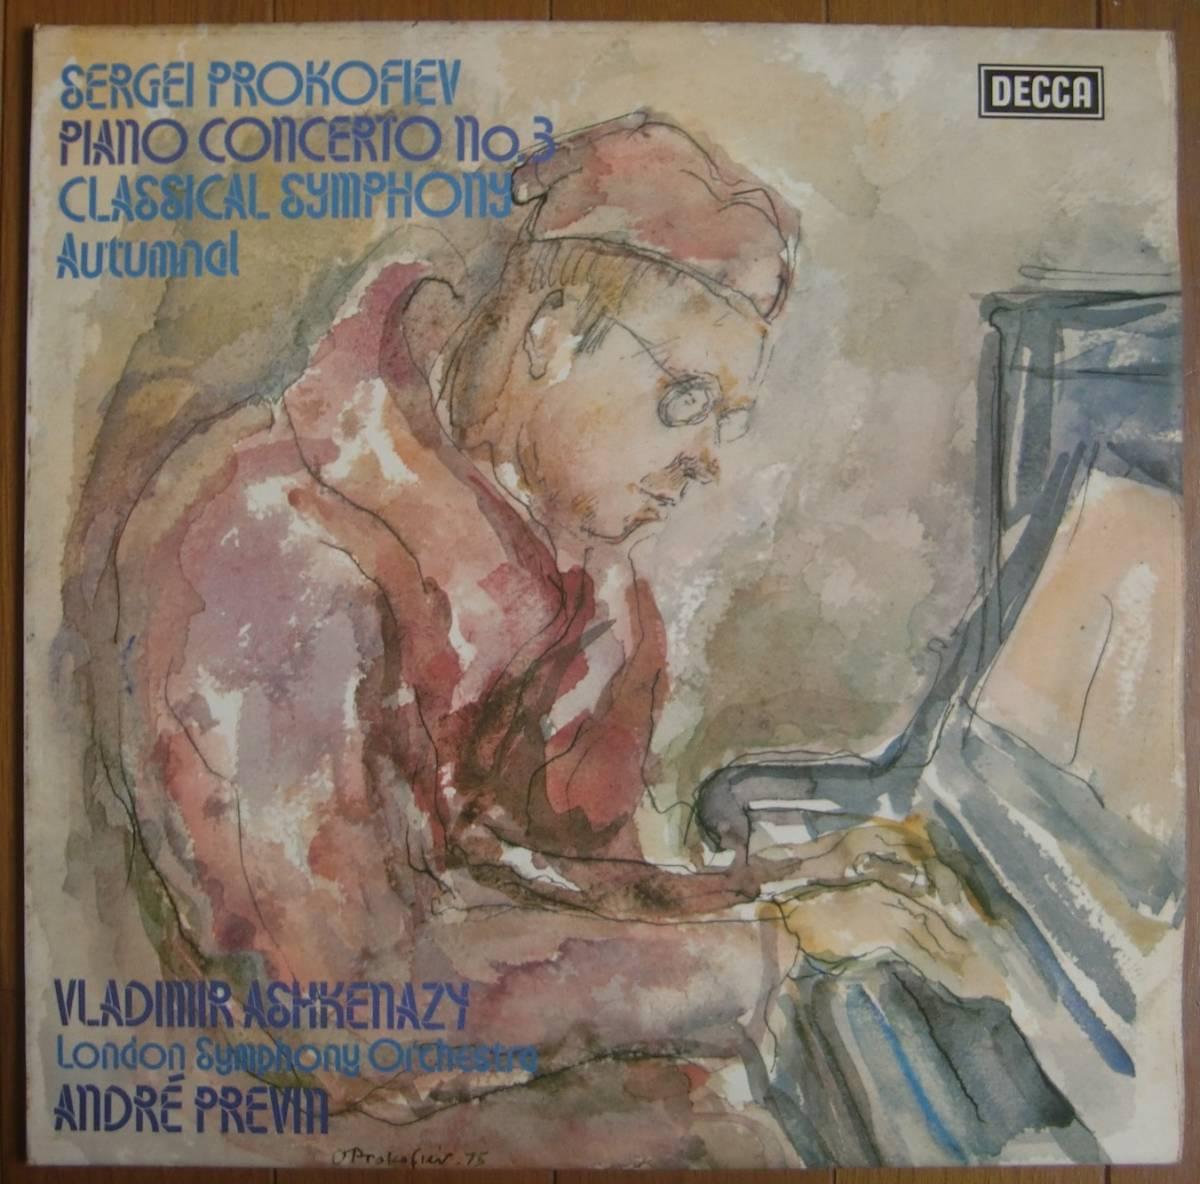 長岡鉄男 外盤A級セレクションNO127 プロコフィエフ:ピアノ協奏曲第3番他_画像1